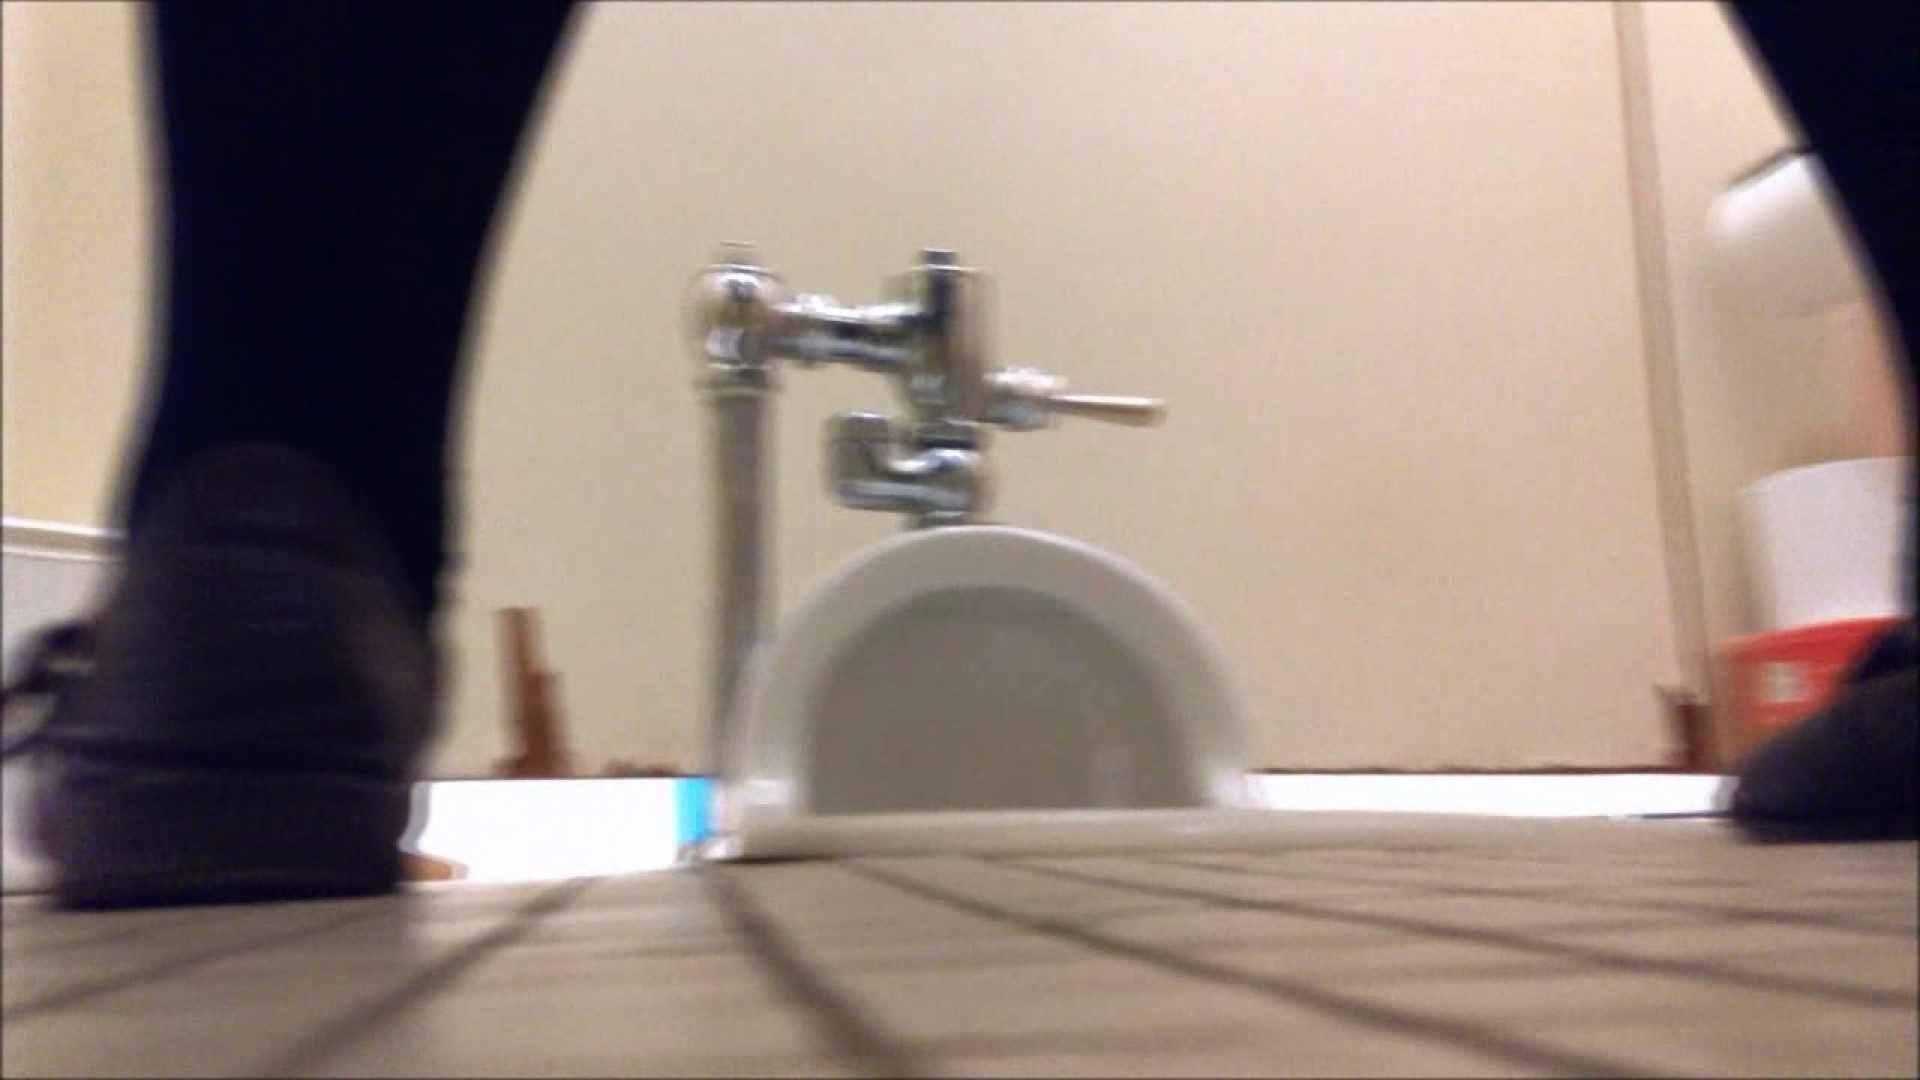 某有名大学女性洗面所 vol.10 お姉さんのSEX AV無料動画キャプチャ 101枚 23